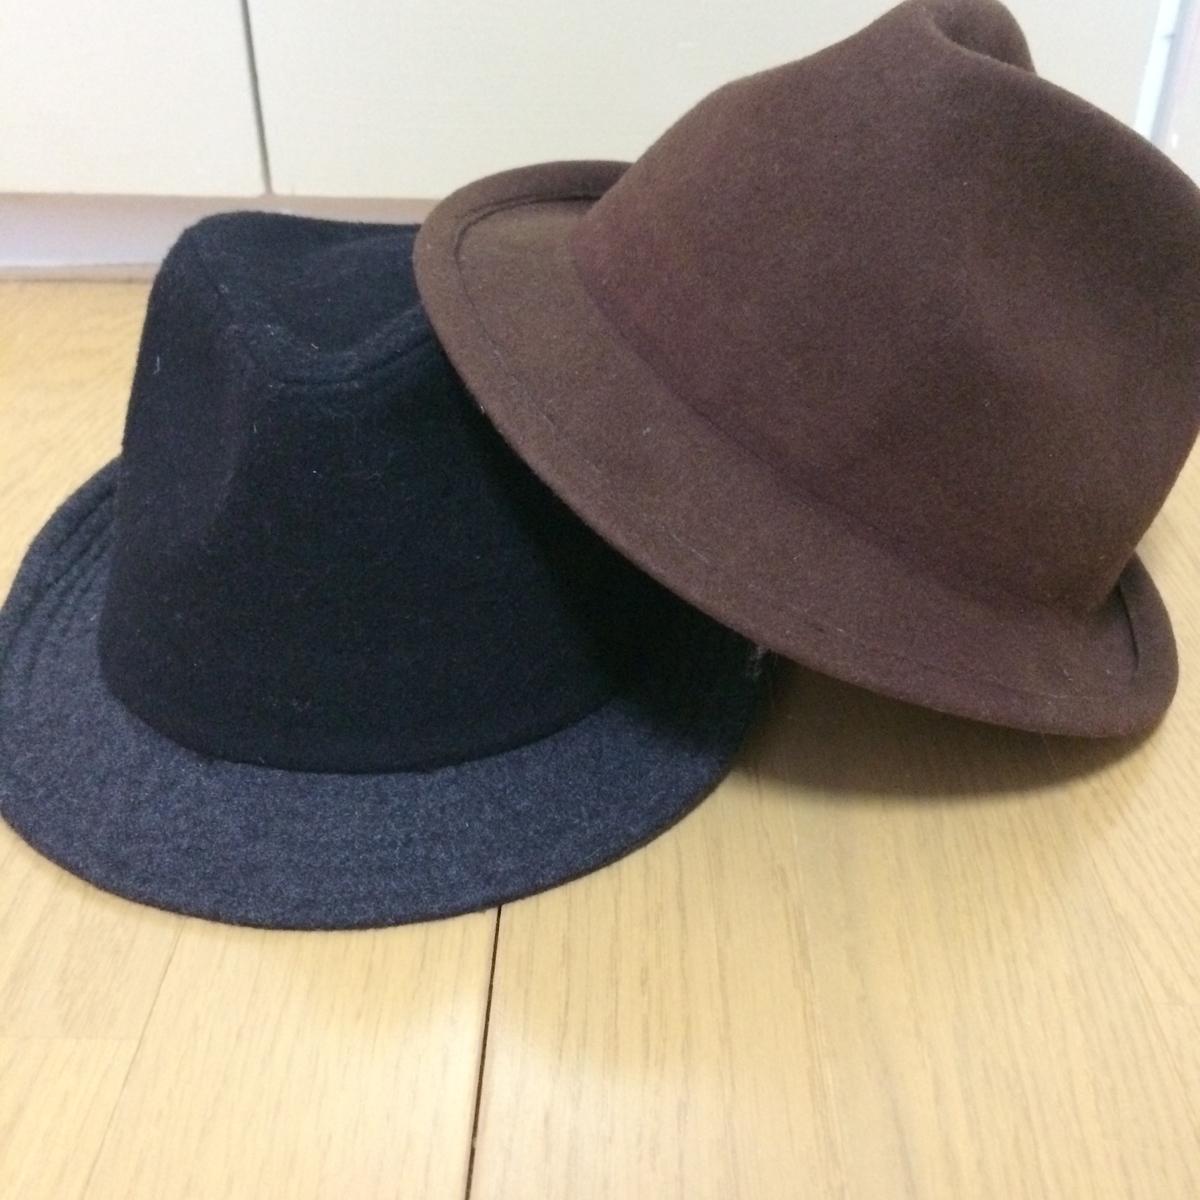 f:id:misumi-tomo:20191130100043j:plain